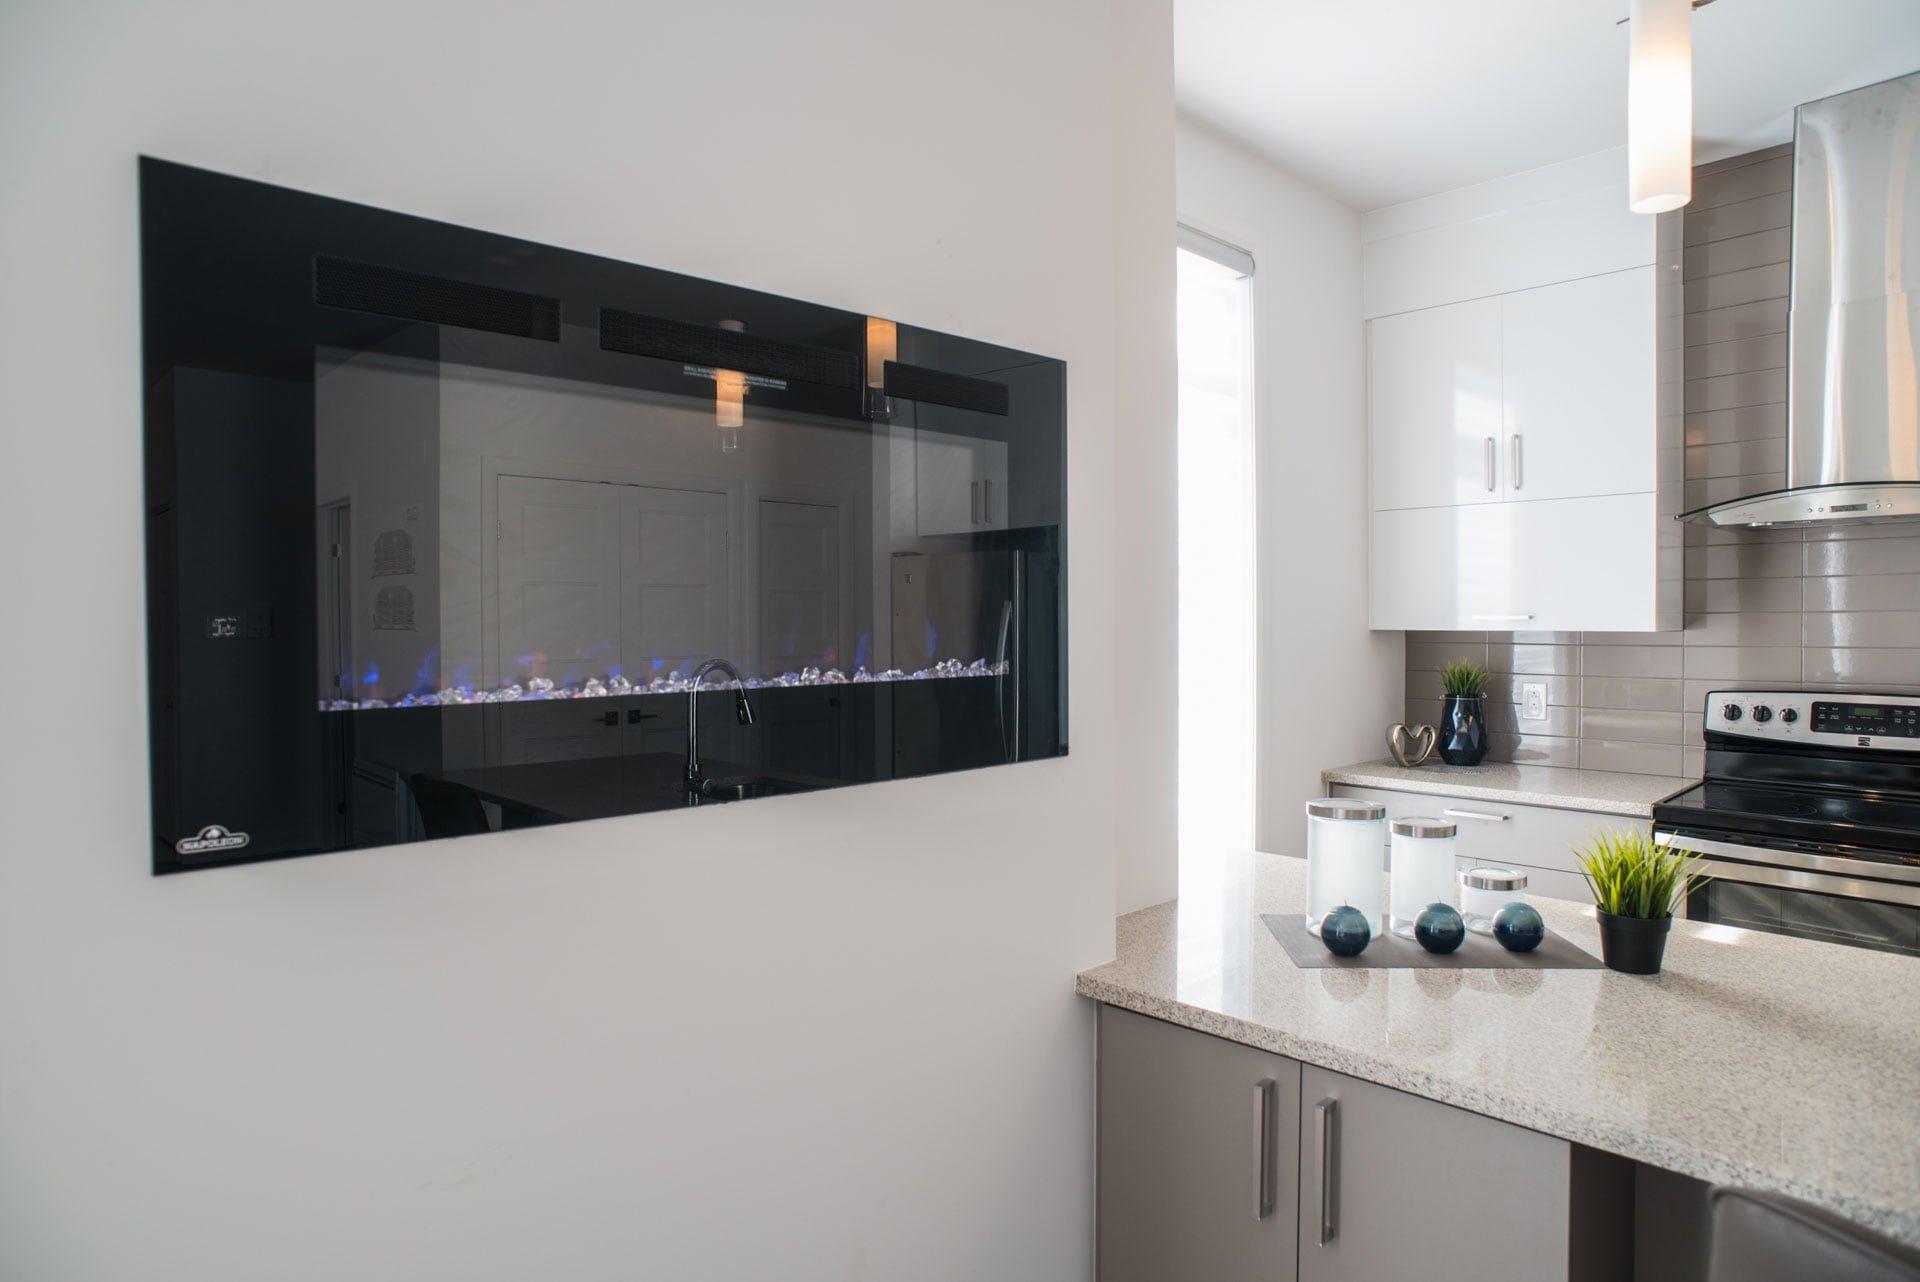 Les habitations Innovatel projet de condos neufs Les Quatre Blainville